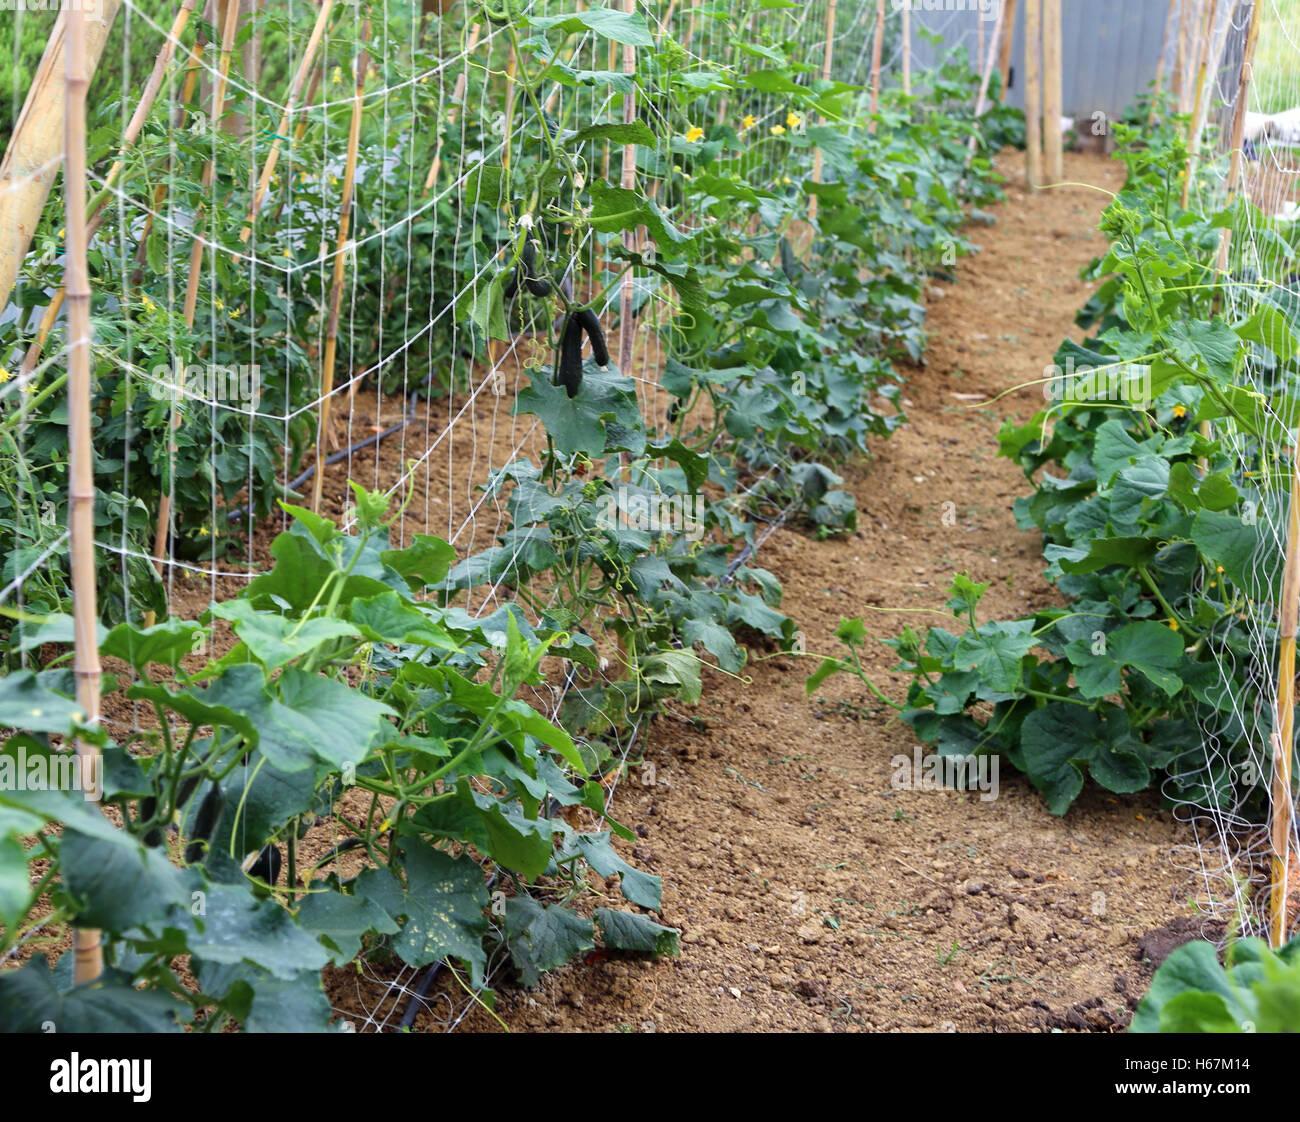 Pflanzen Der Grunen Gurken In Einem Grossen Gewachshaus Mit